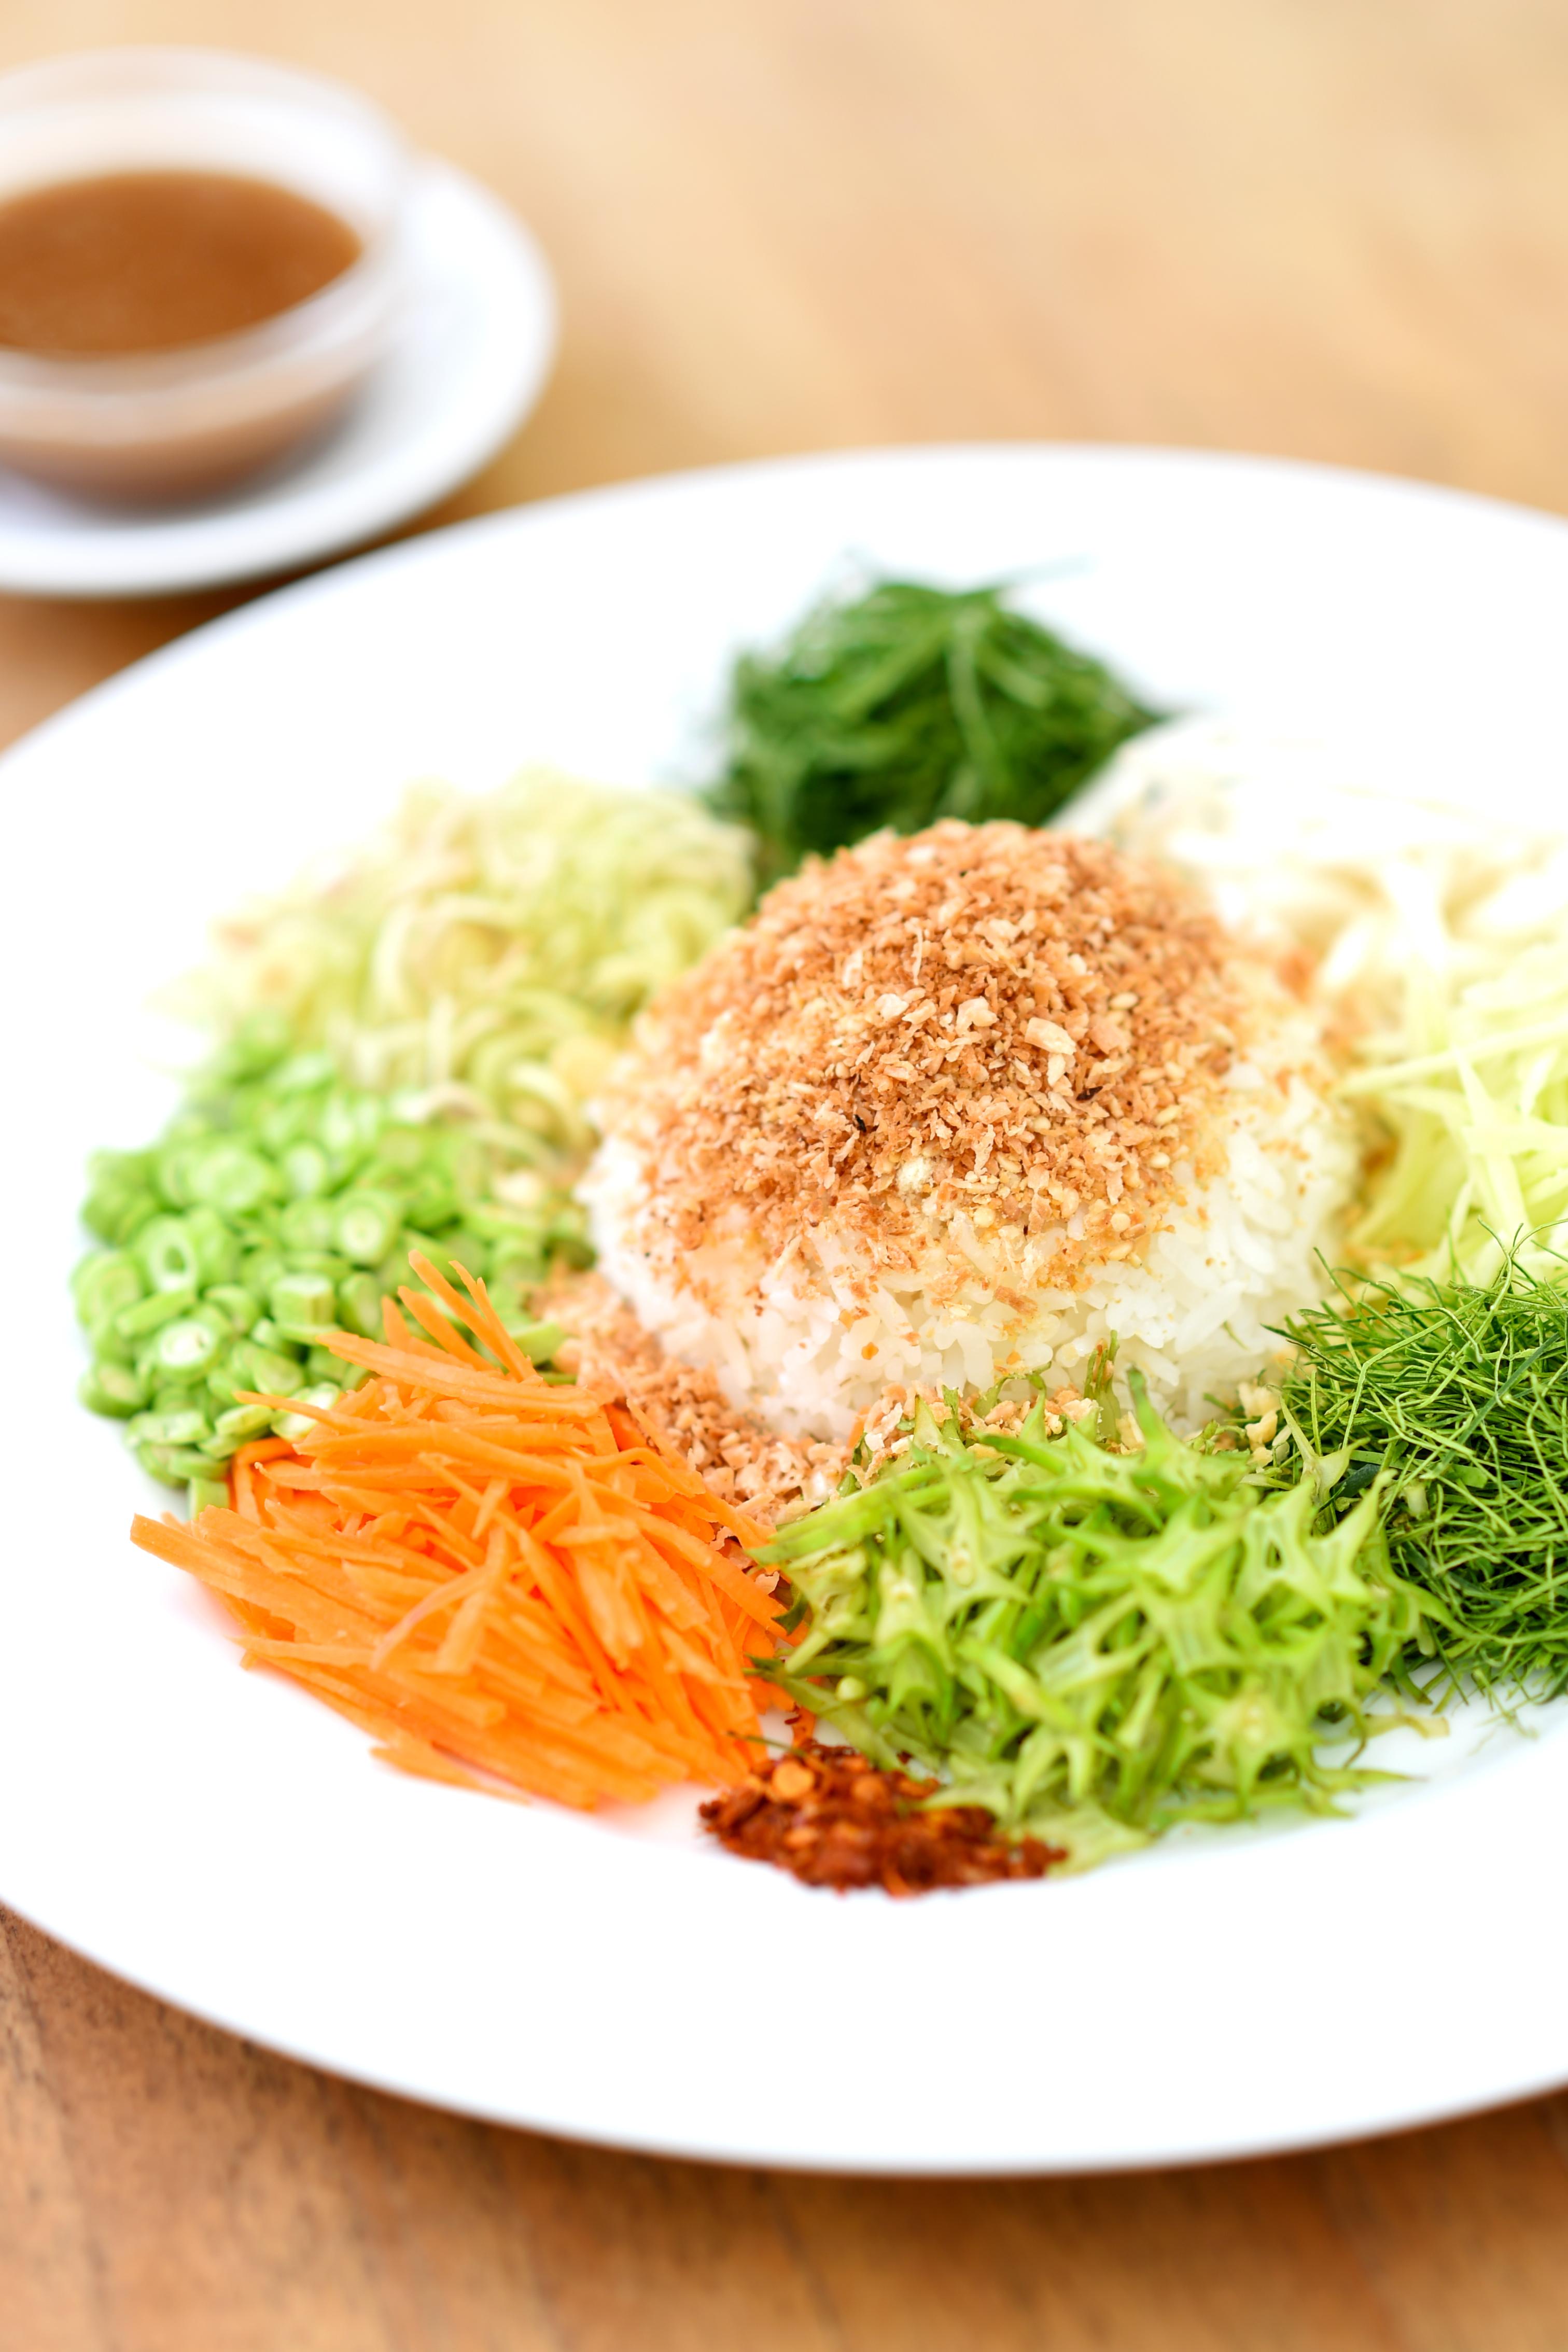 ハーブと野菜のまぜごはんDSC_1540ok